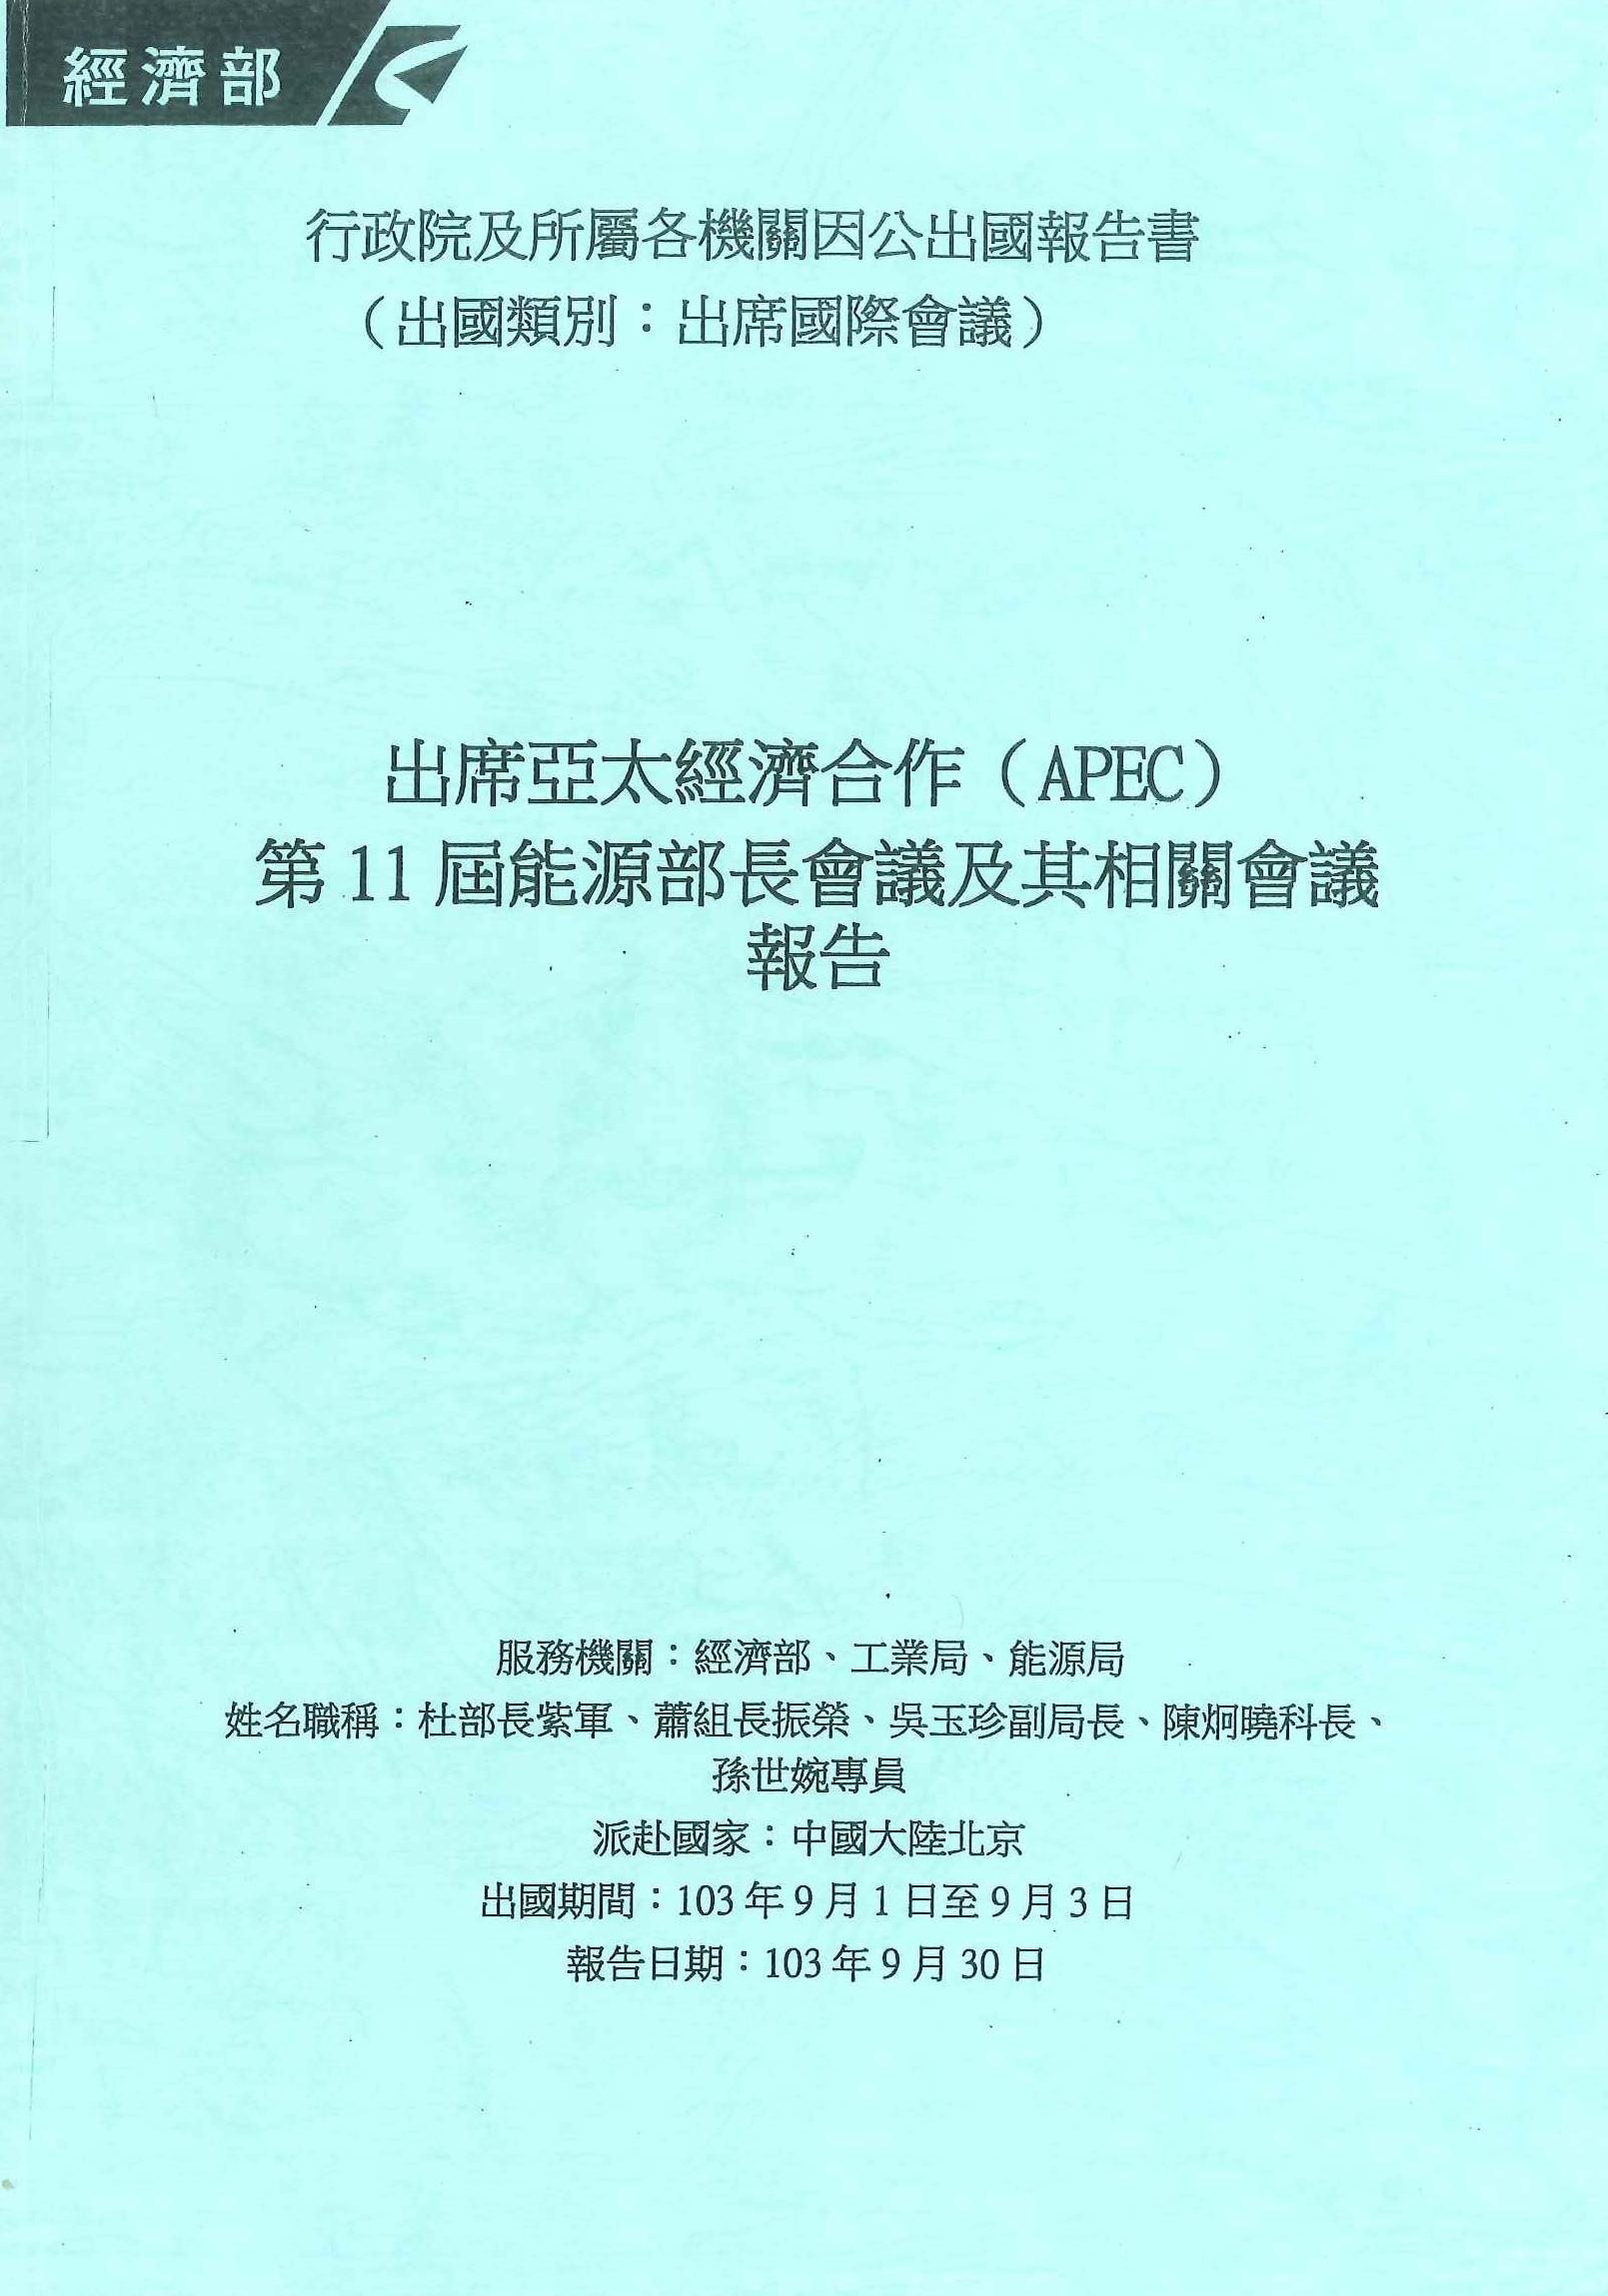 出席亞太經濟合作(APEC)第11屆能源部長會議及其相關會議報告